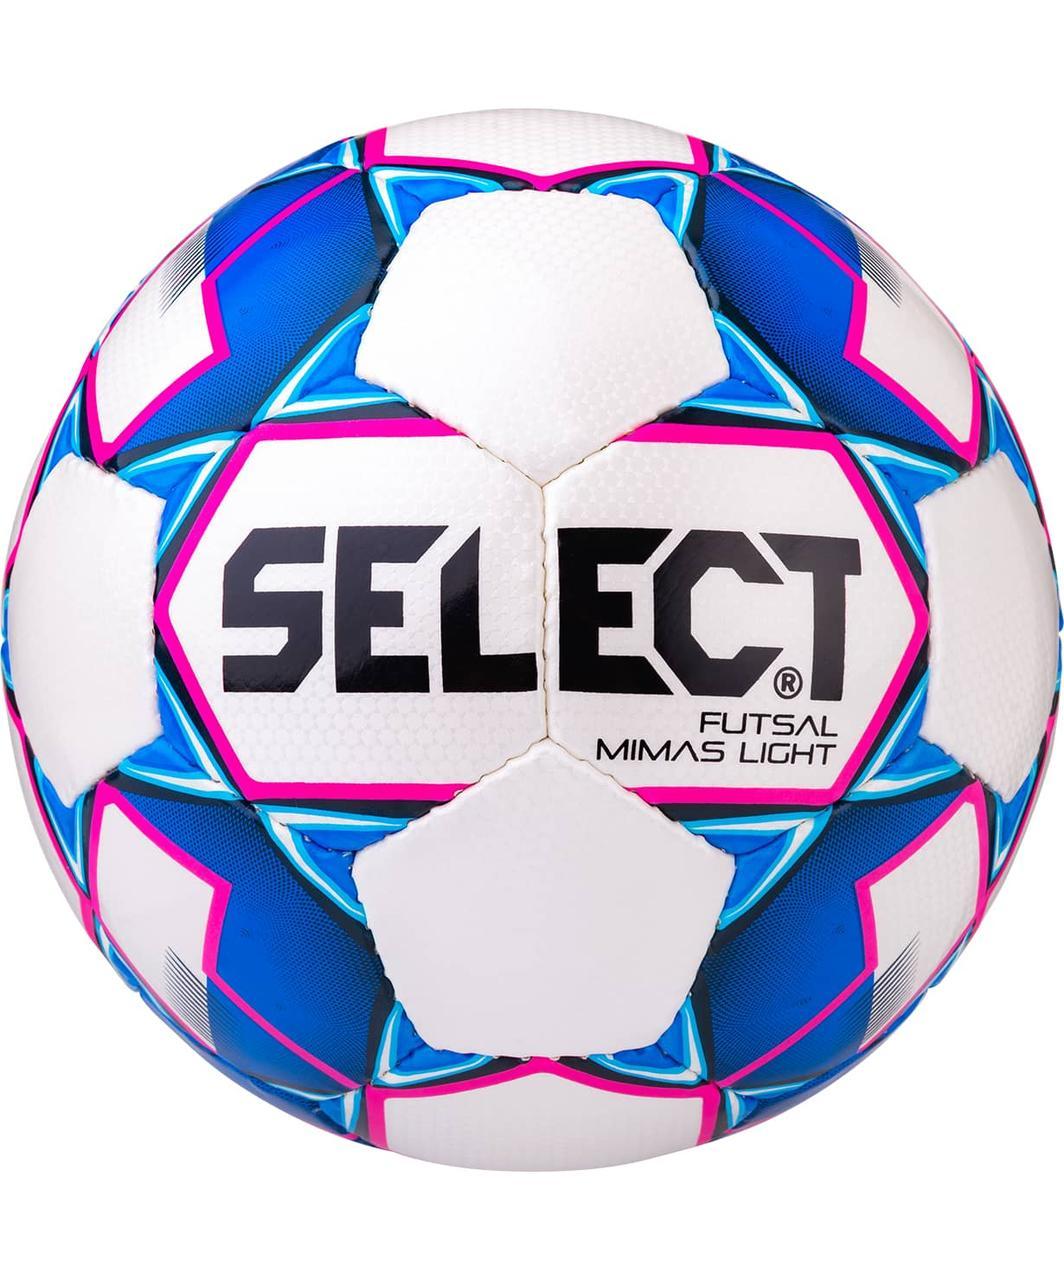 Мяч футзальный Futsal Mimas Light 852613, №4, белый/синий/розовый Select